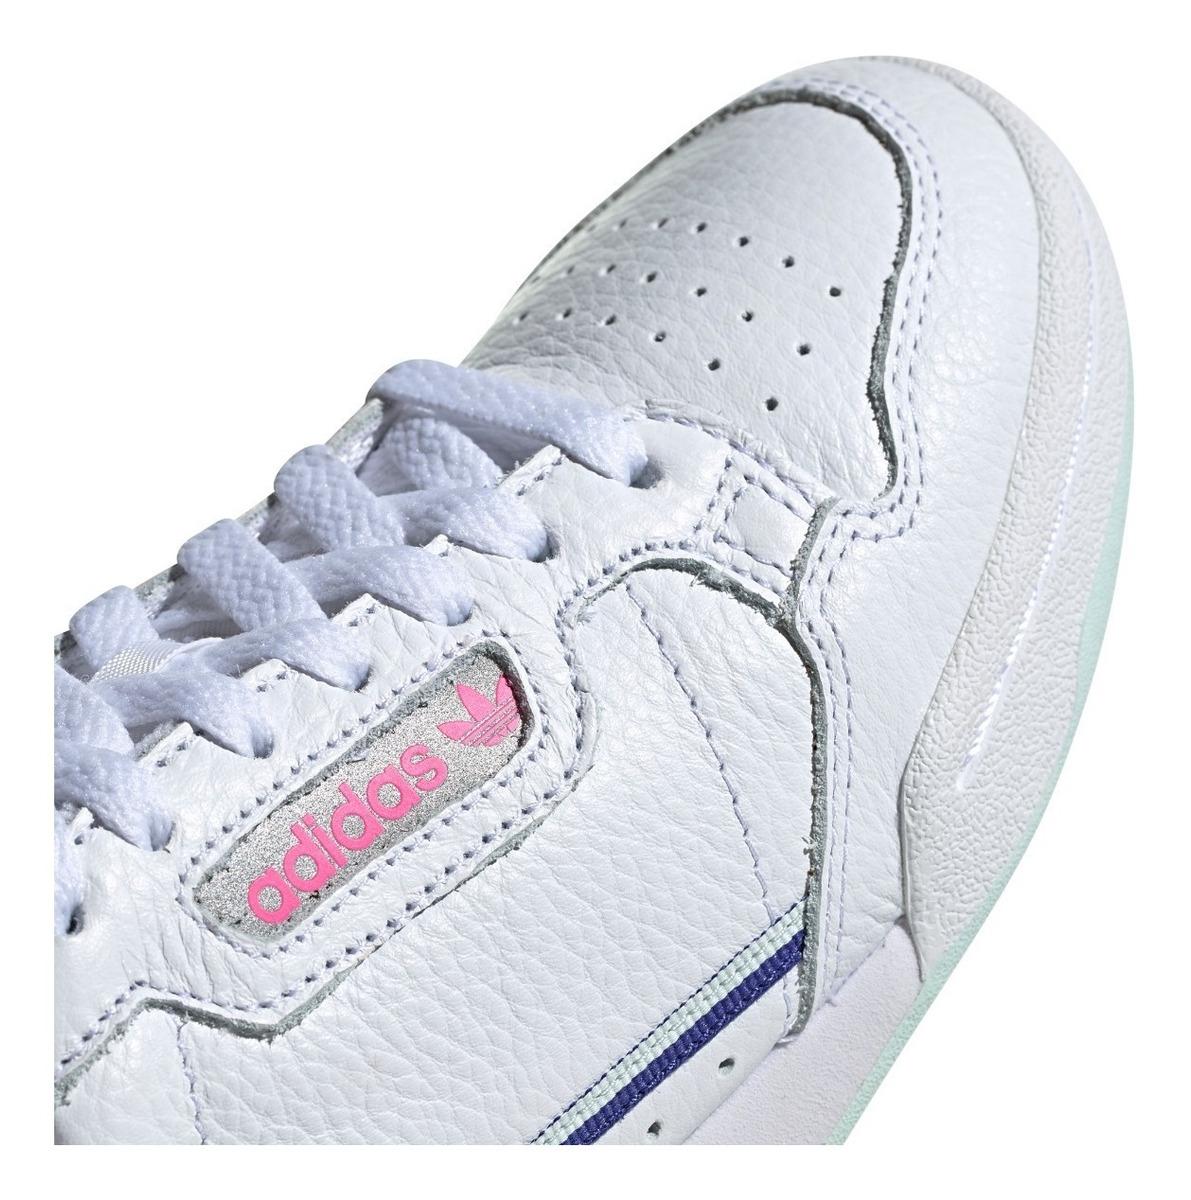 Zapatillas adidas Continental 80 Blancas De Mujer